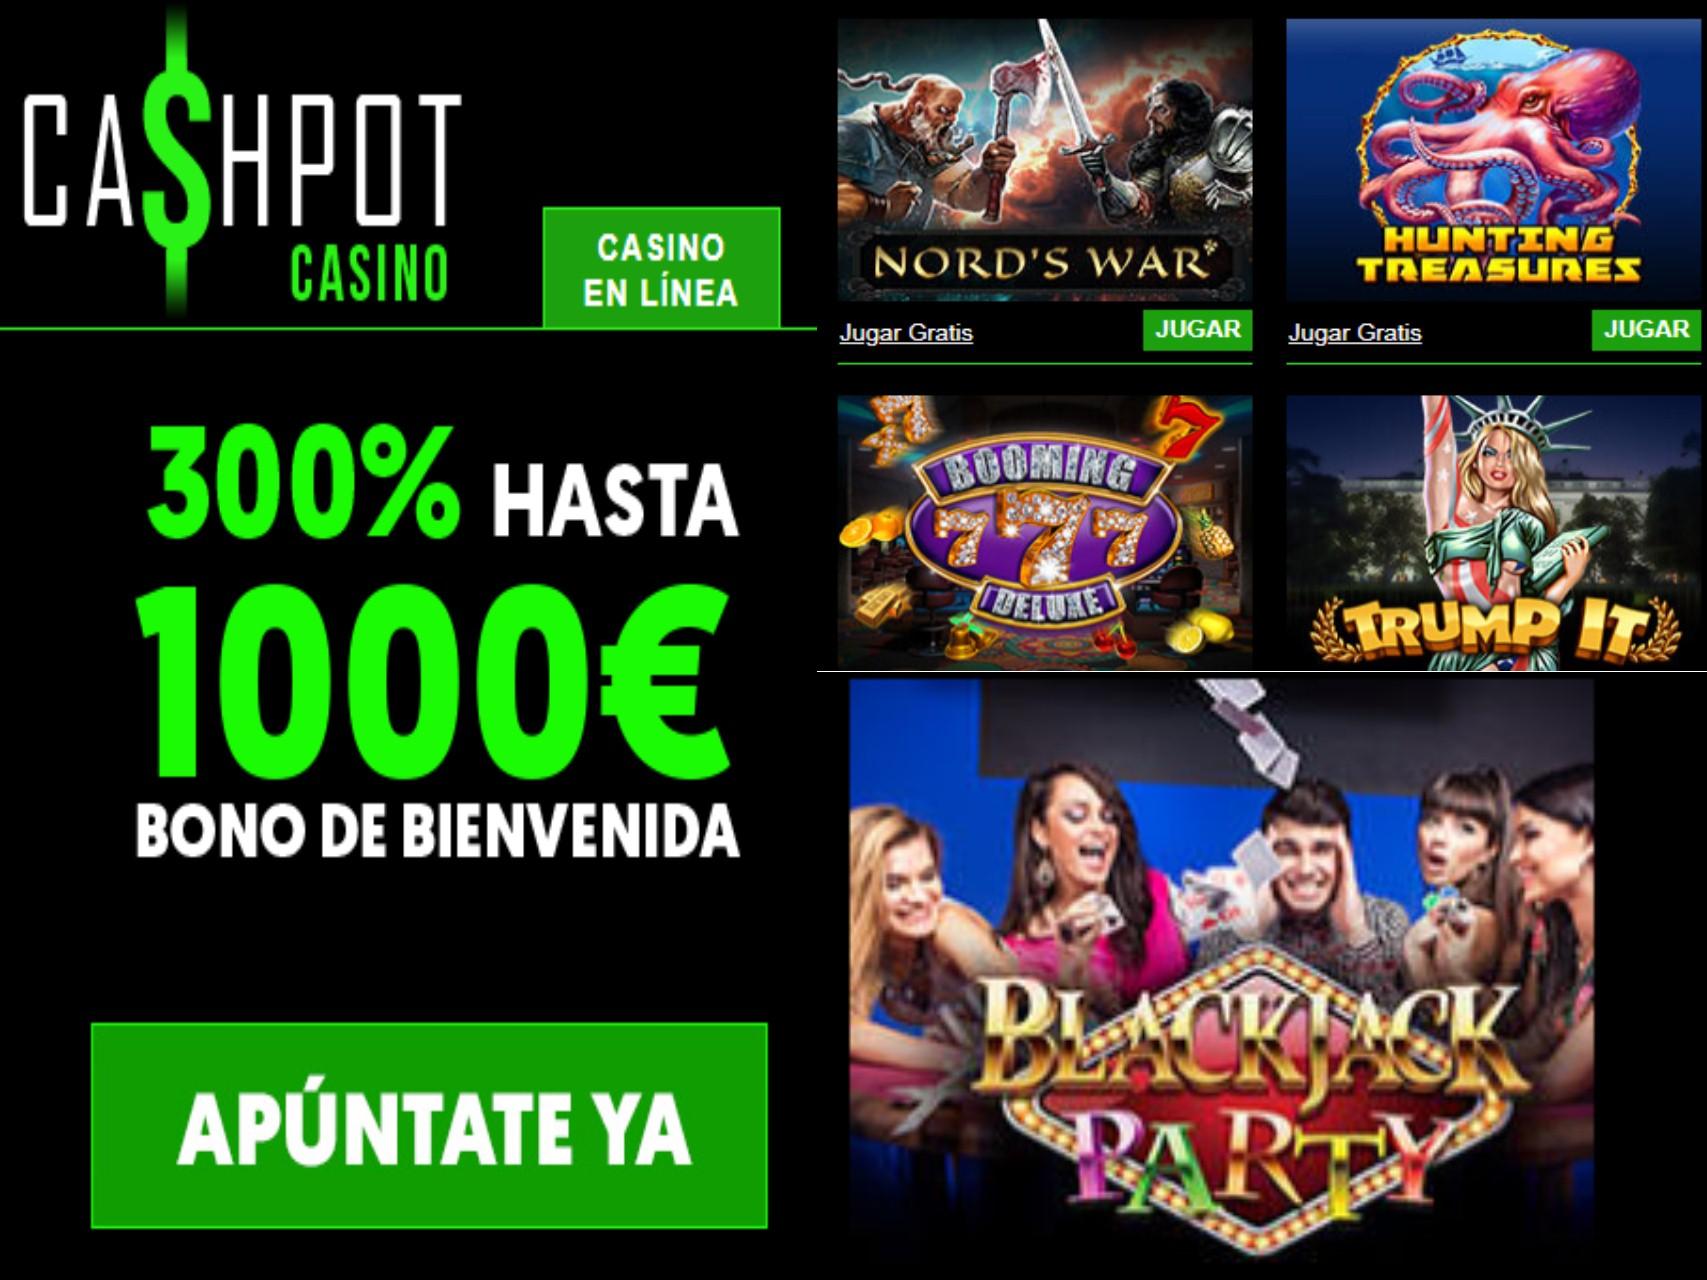 Ganar 1000 euros por bono de bienvenida en Casino Cashpot es muy fácil